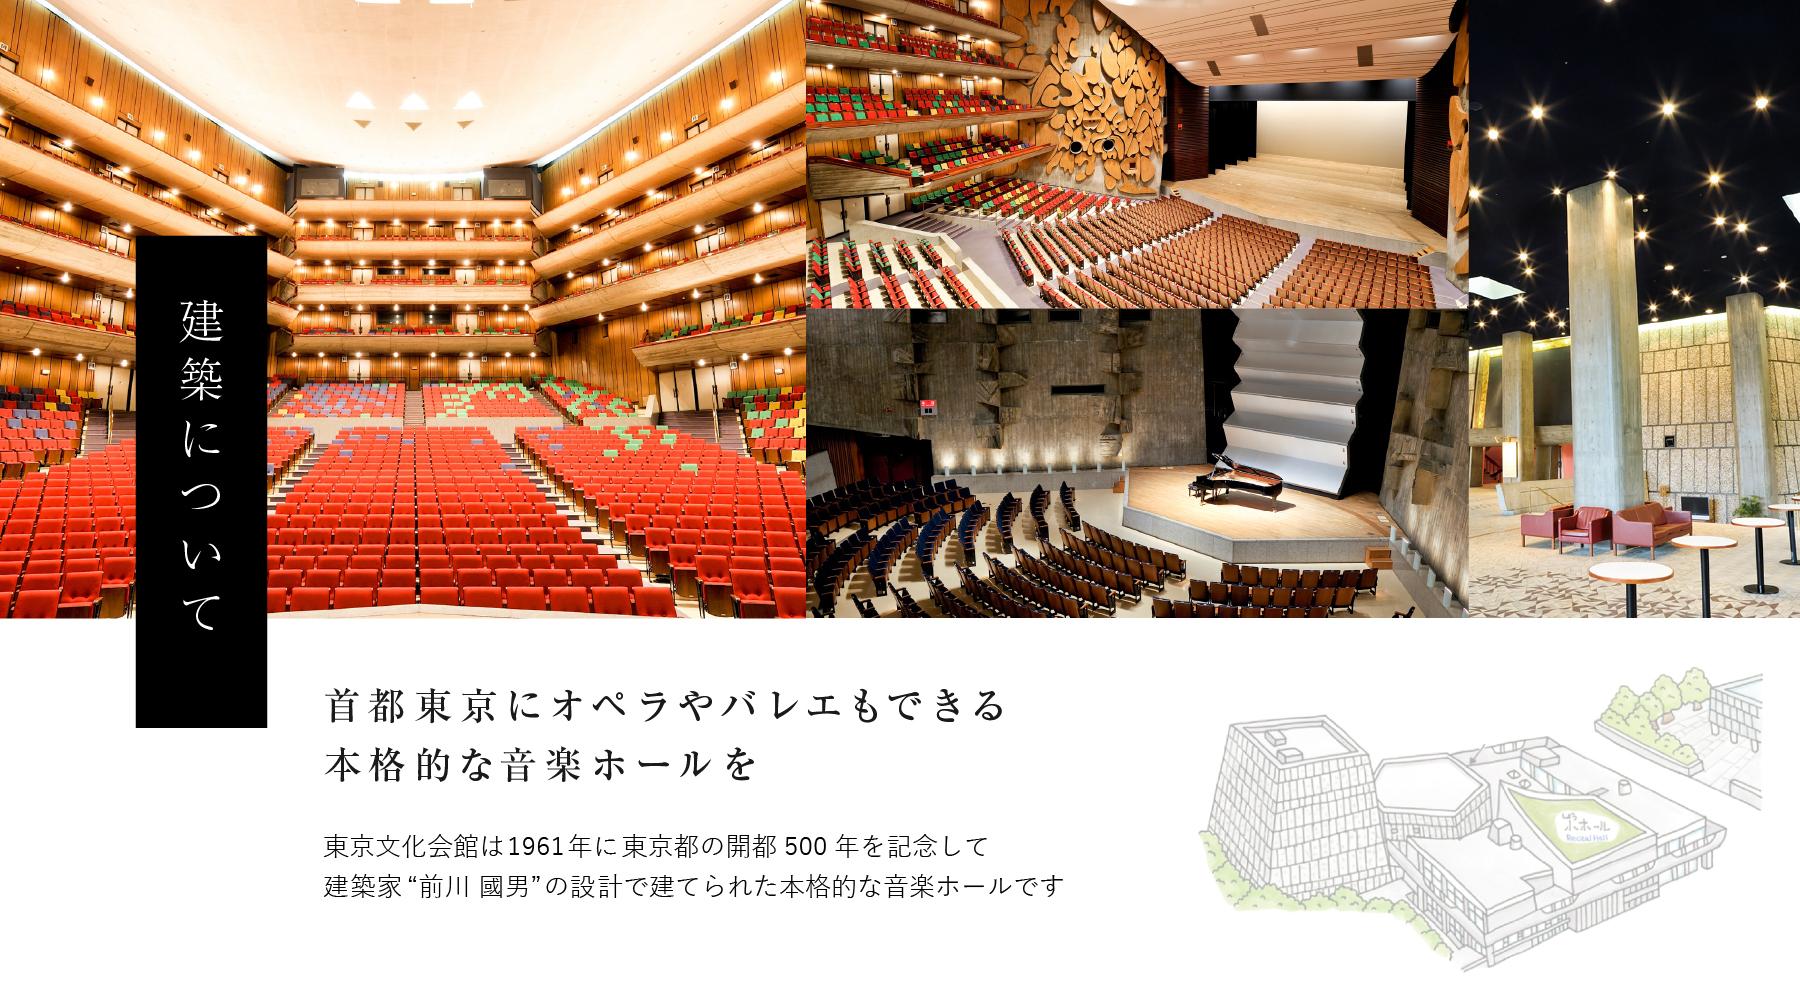 """建築について 首都東京にオペラやバレエもできる本格的な音楽ホールを 東京文化会館は1961年に 東京都の開都500年を記念して建築家""""前川 國男""""の設計で建てられた本格的な音楽ホールです"""